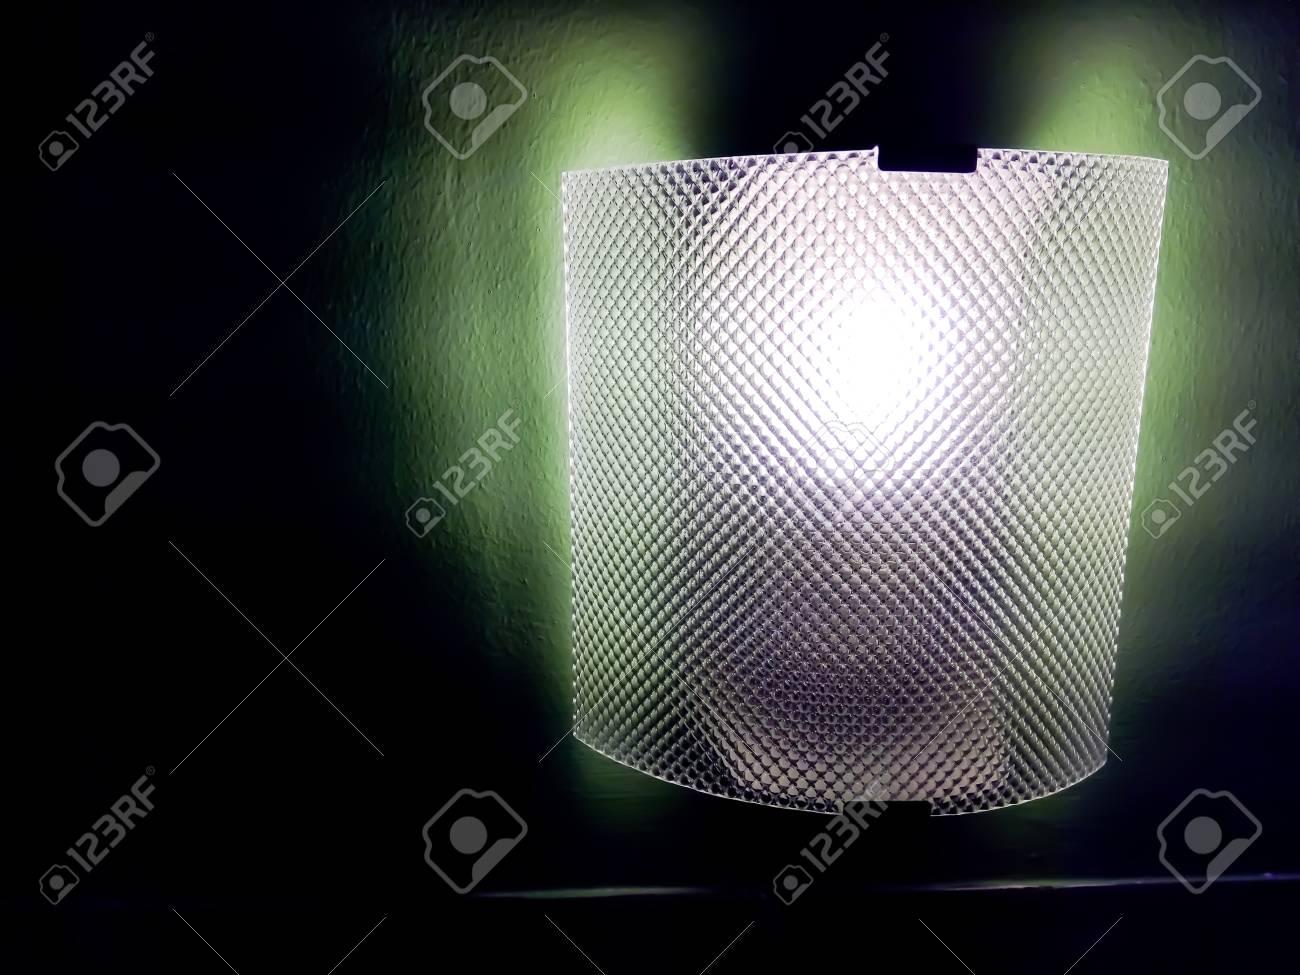 Lampe Suspendue Sur Le Mur Comme Lampe De Chevet Le Concept D